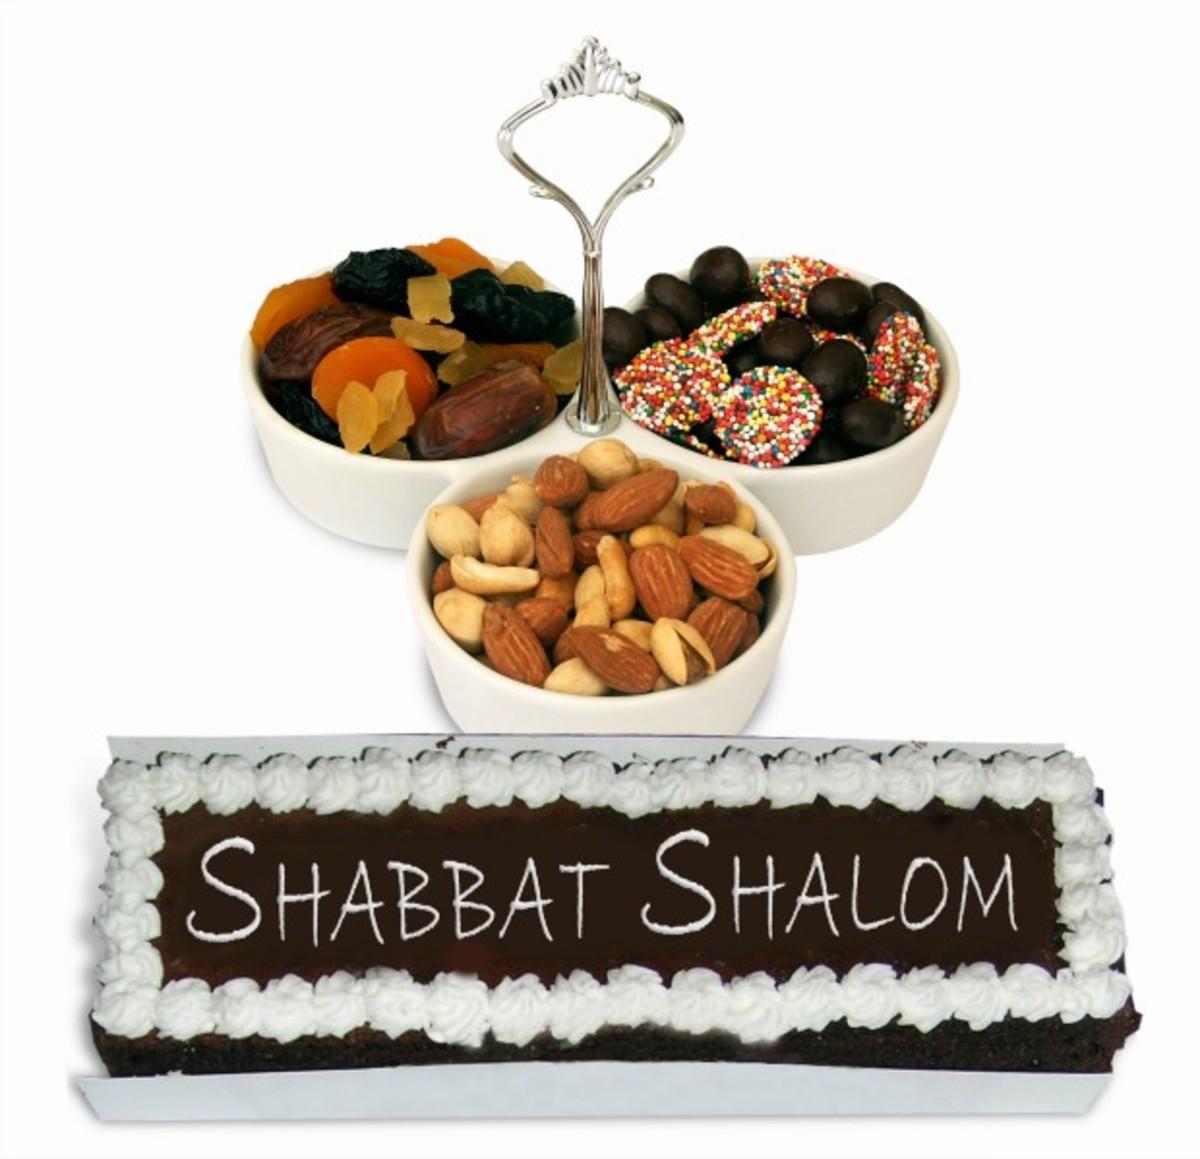 SHABBAT SHALOM GIFTsm